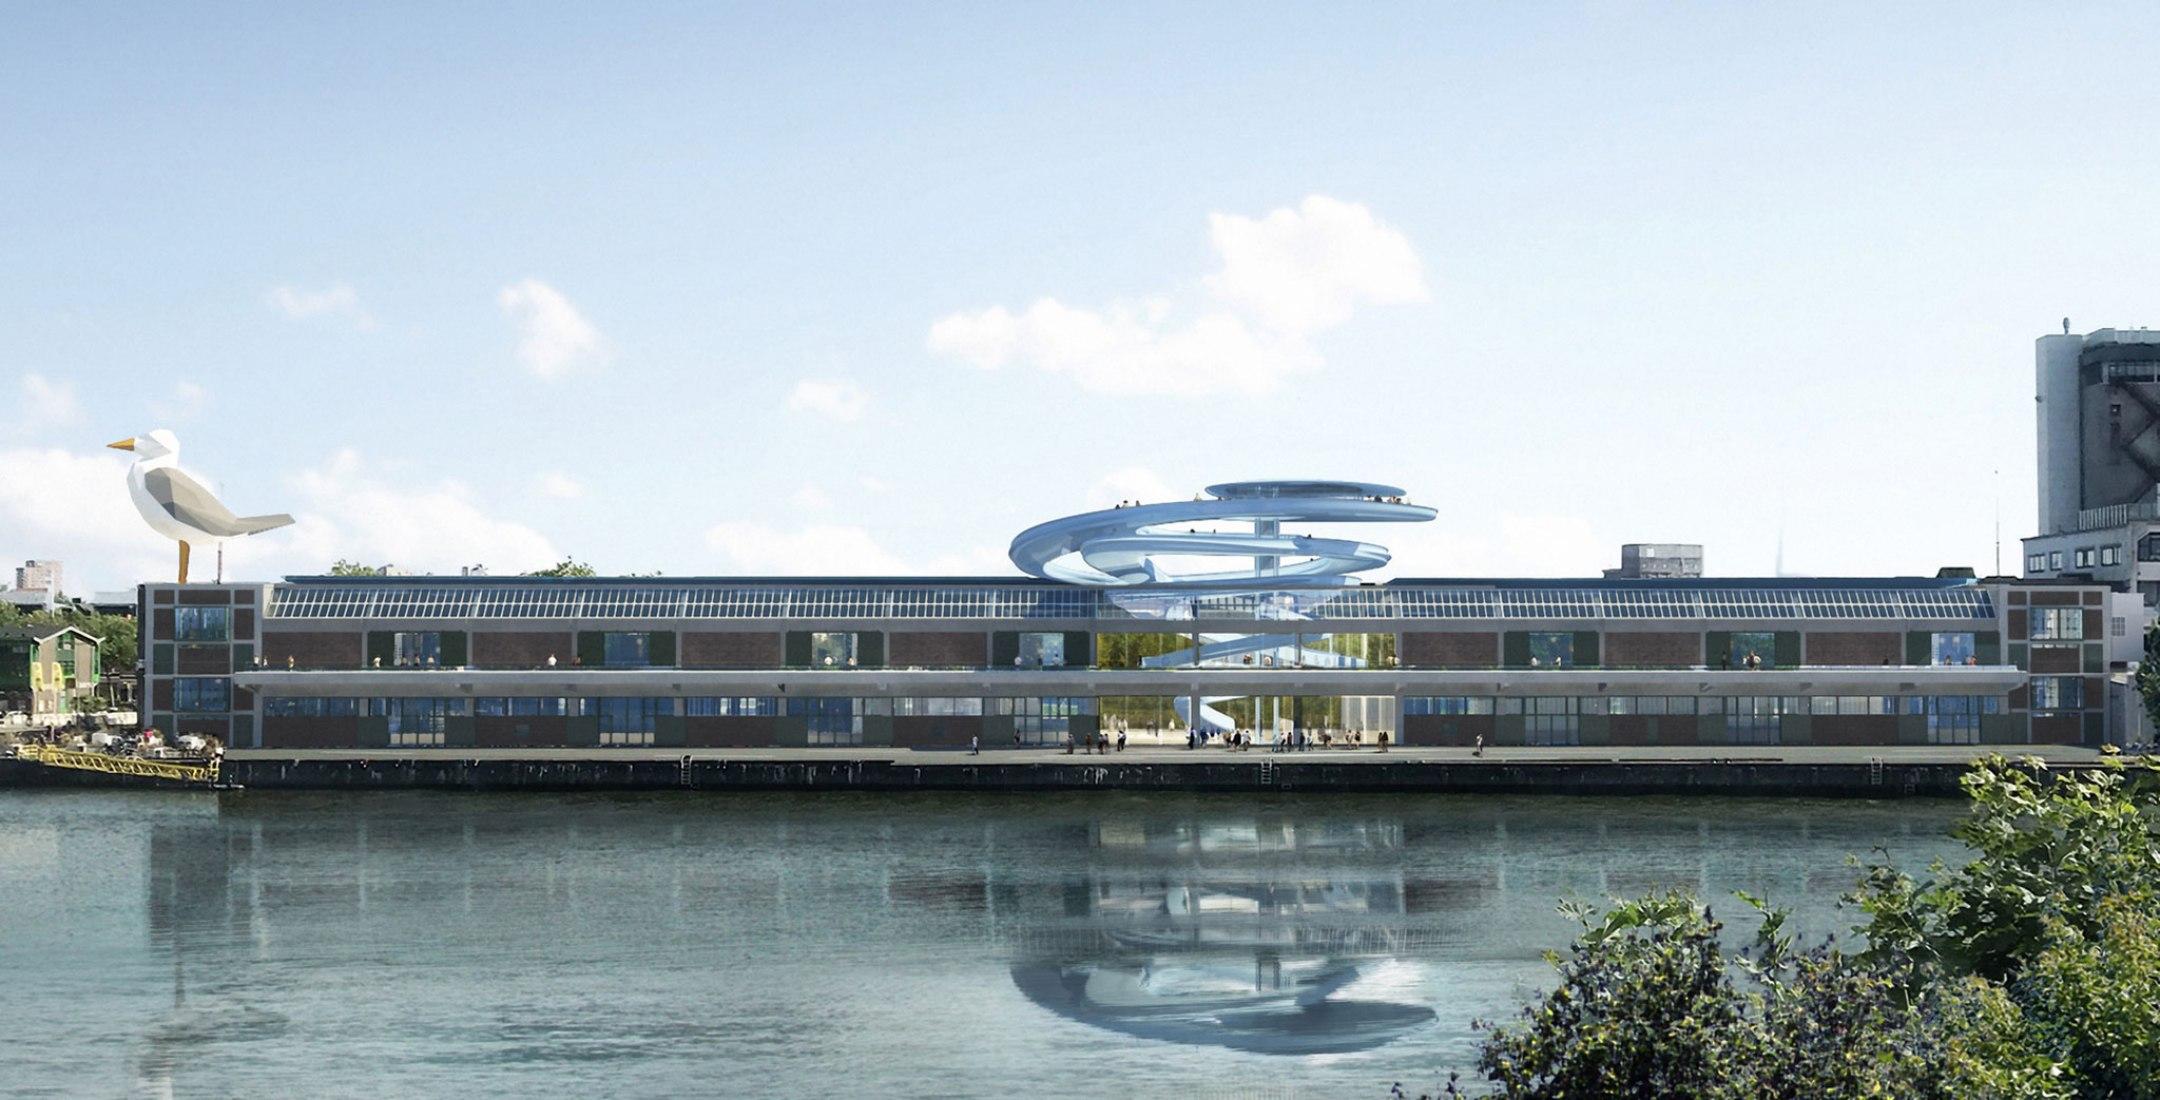 Visualización, vista exterior. Mirador panorámico para el almacén de Fenix por MAD Architects. Imagen de SAN